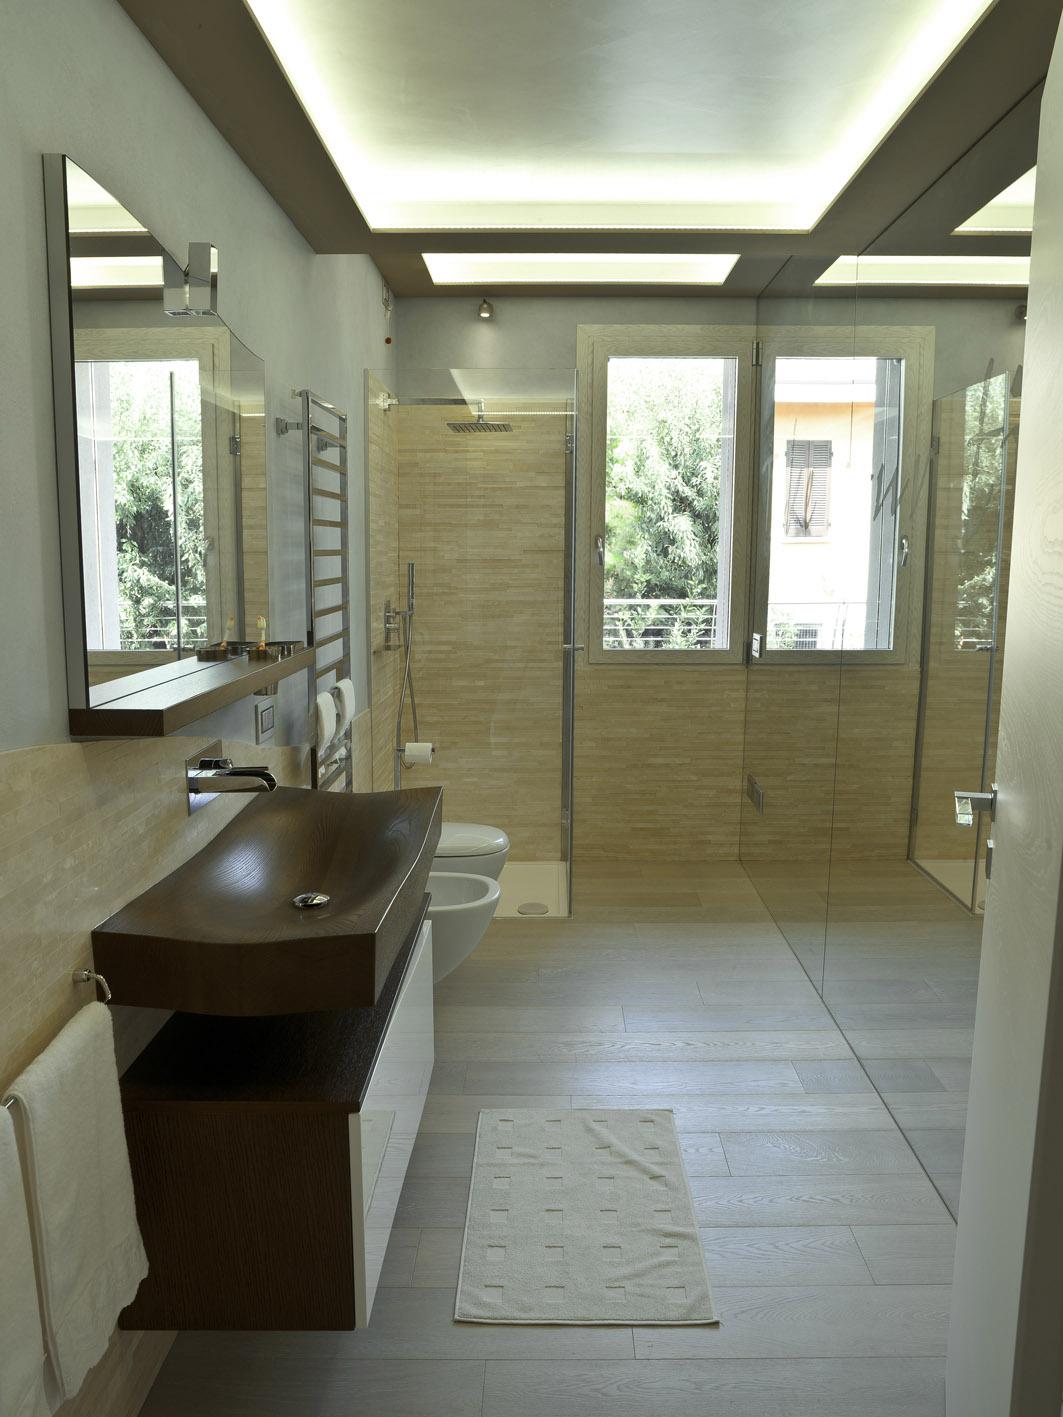 bagno moderno MG architettura d'interni simone casarotto design lavabo legno tao spoldi ideabagno